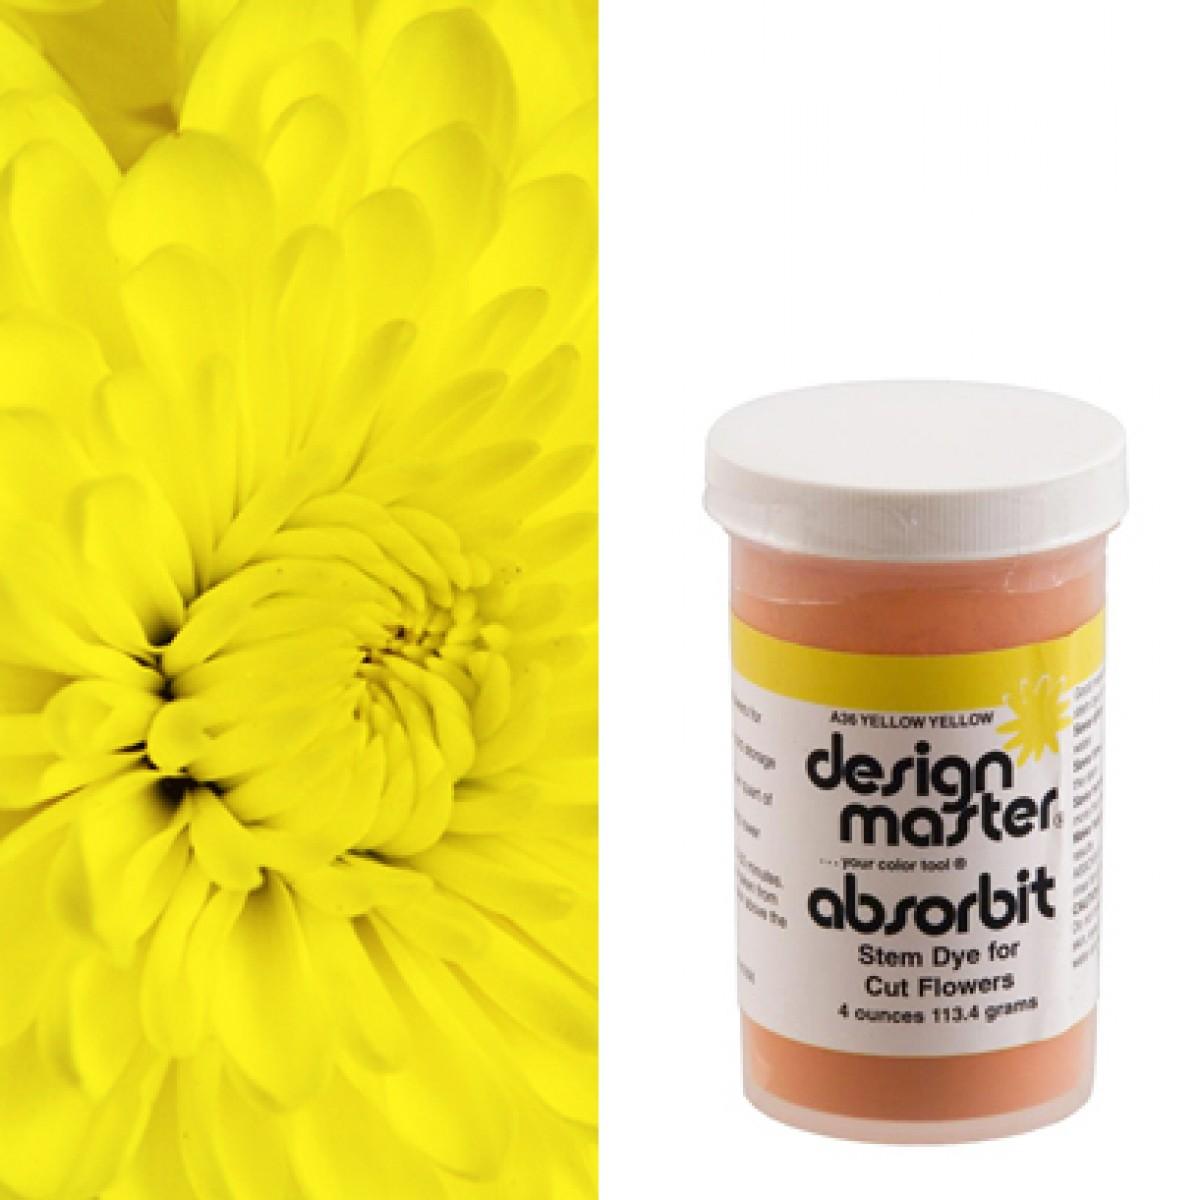 A36 DM Absorbit Dye Yellow 113gms